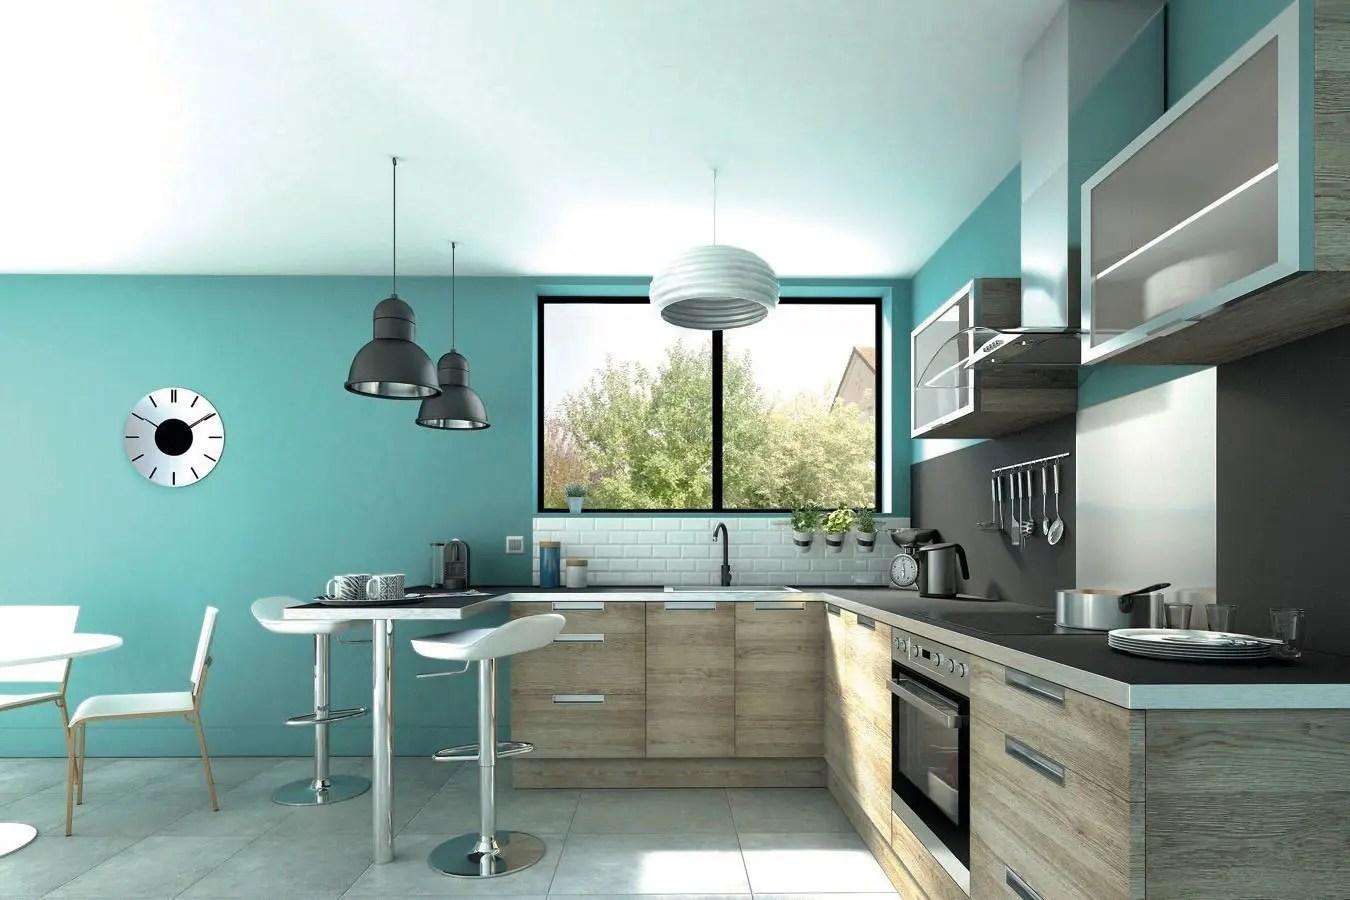 peinture pour une cuisine en bois clair